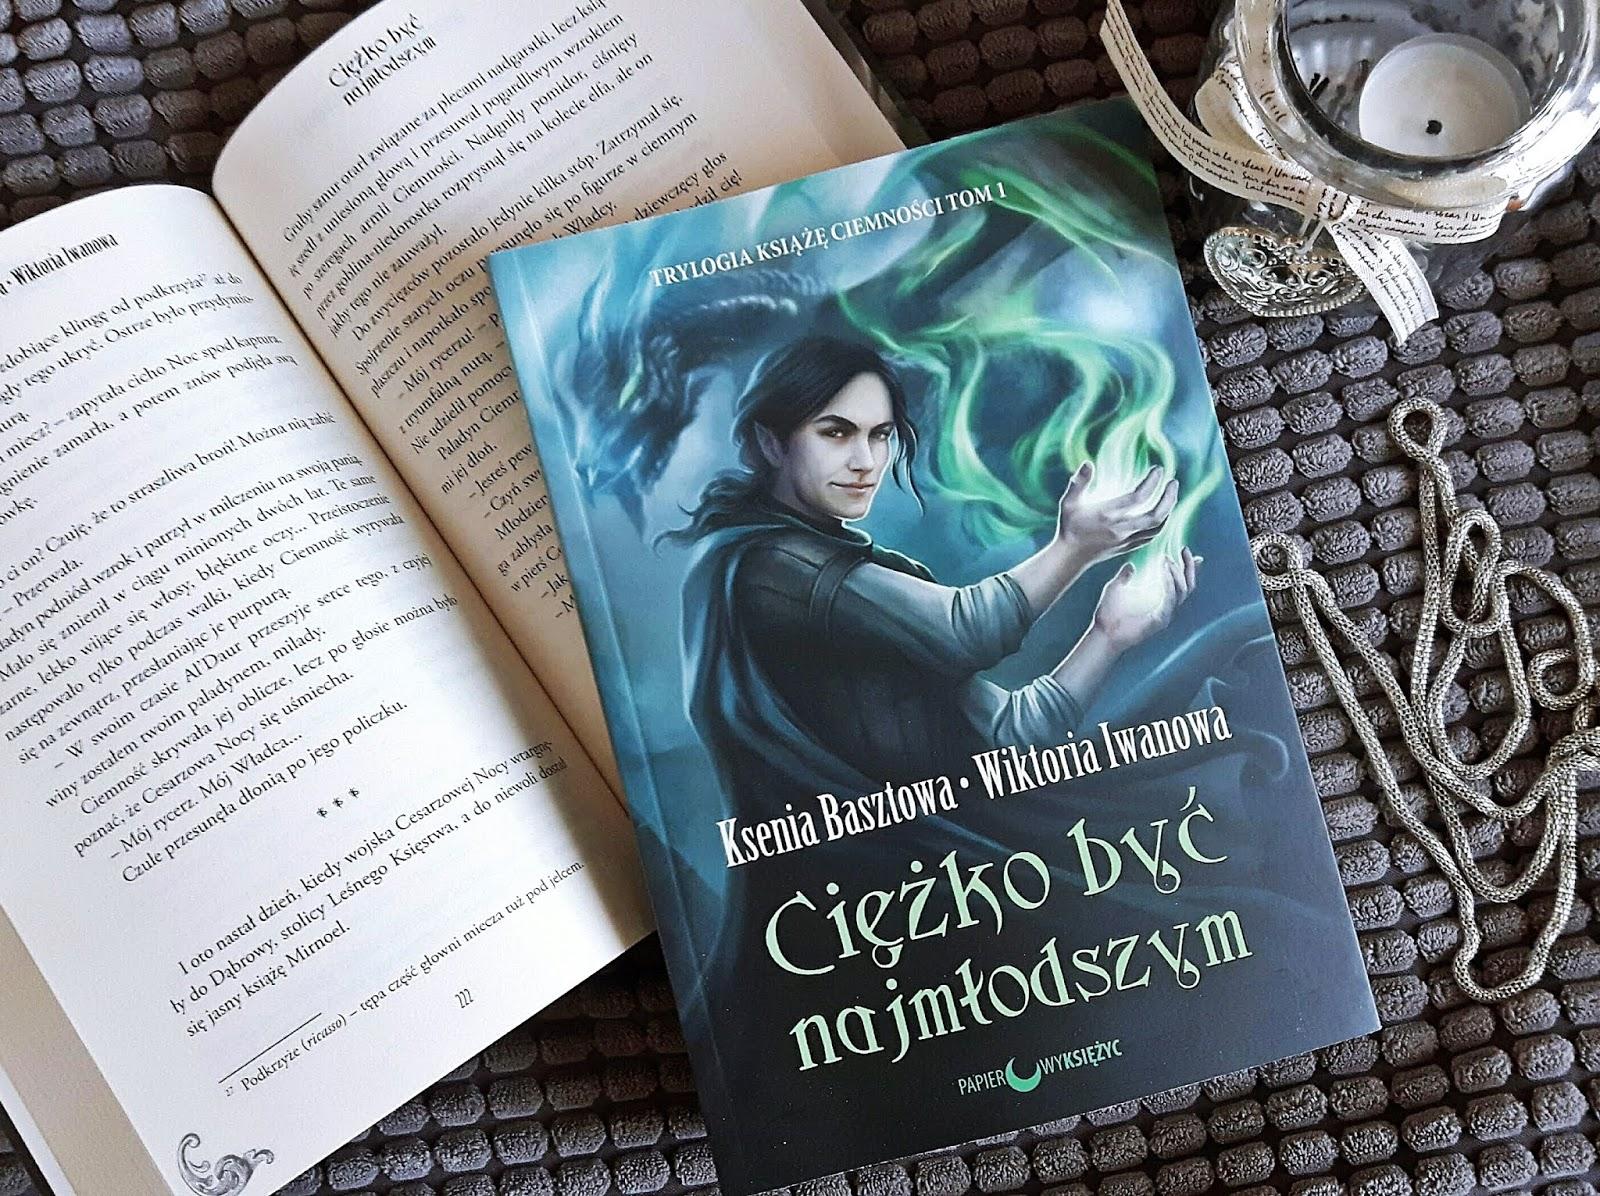 """Tak """"Ciężko być najmłodszym"""" Ksenia Basztowa, Wiktoria Iwanowa"""